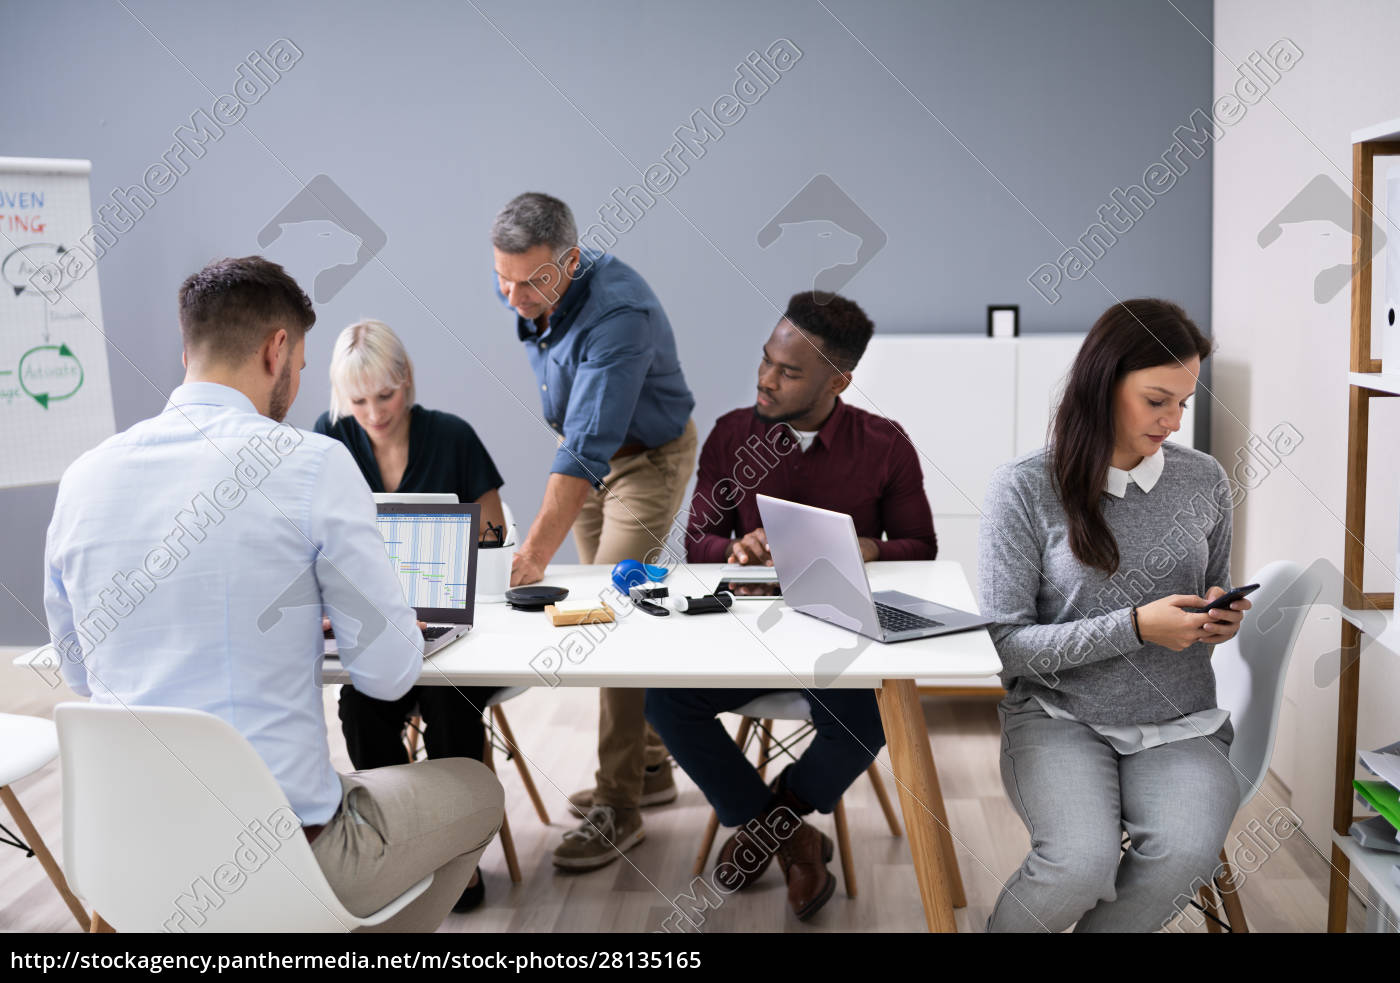 donna, d'affari, distratta, in, riunione - 28135165